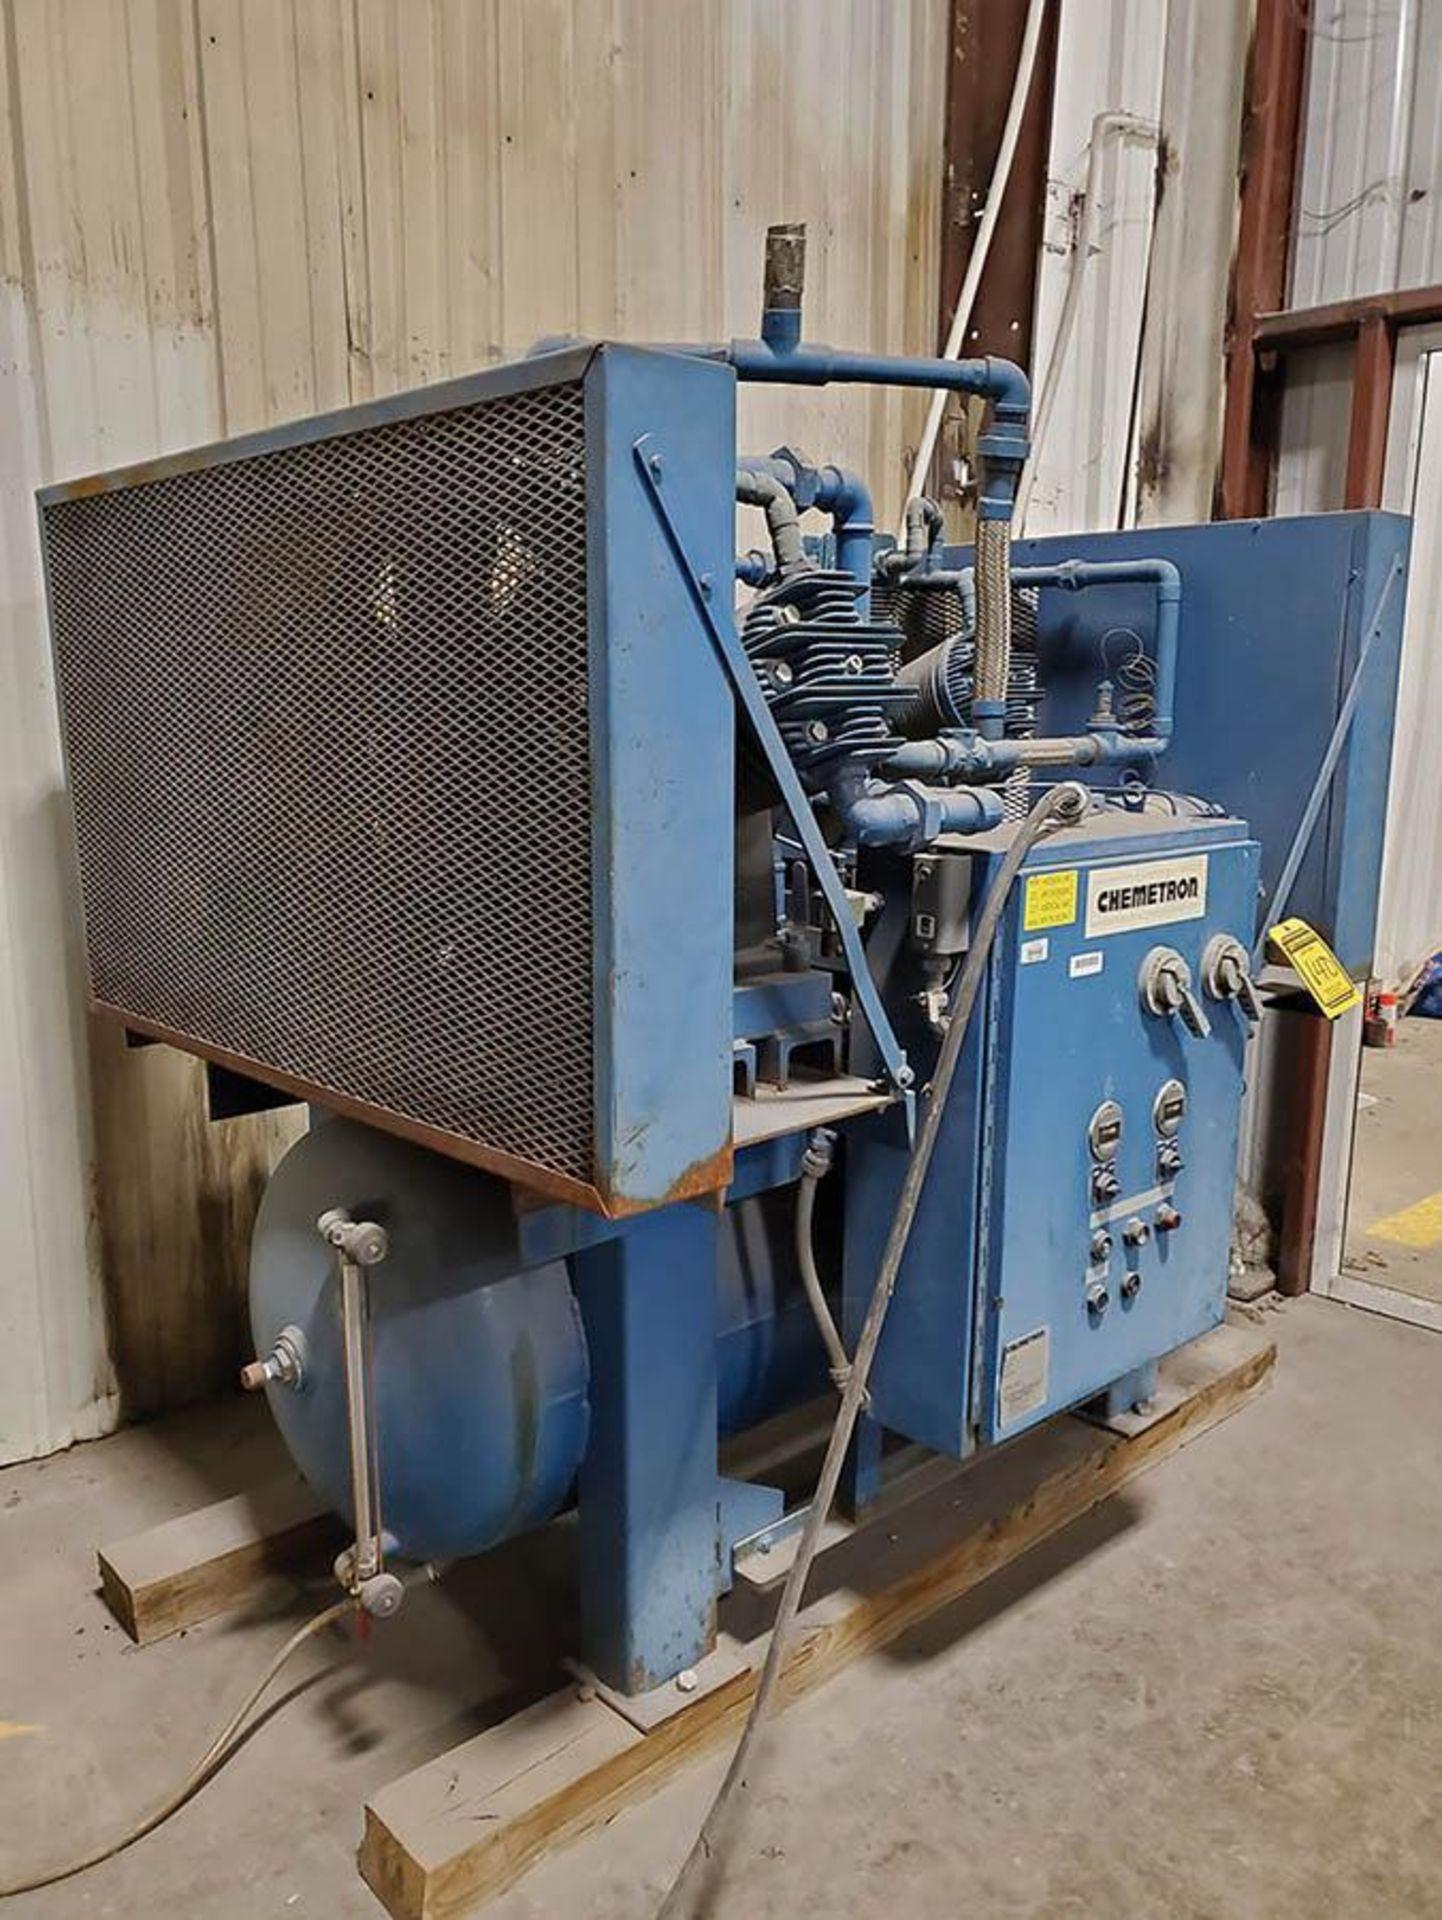 CHEMETRON MEDICAL AIR COMPRESSOR, MODEL 2KT40-10, 10 HP, 6 CYLINDER - Image 2 of 8